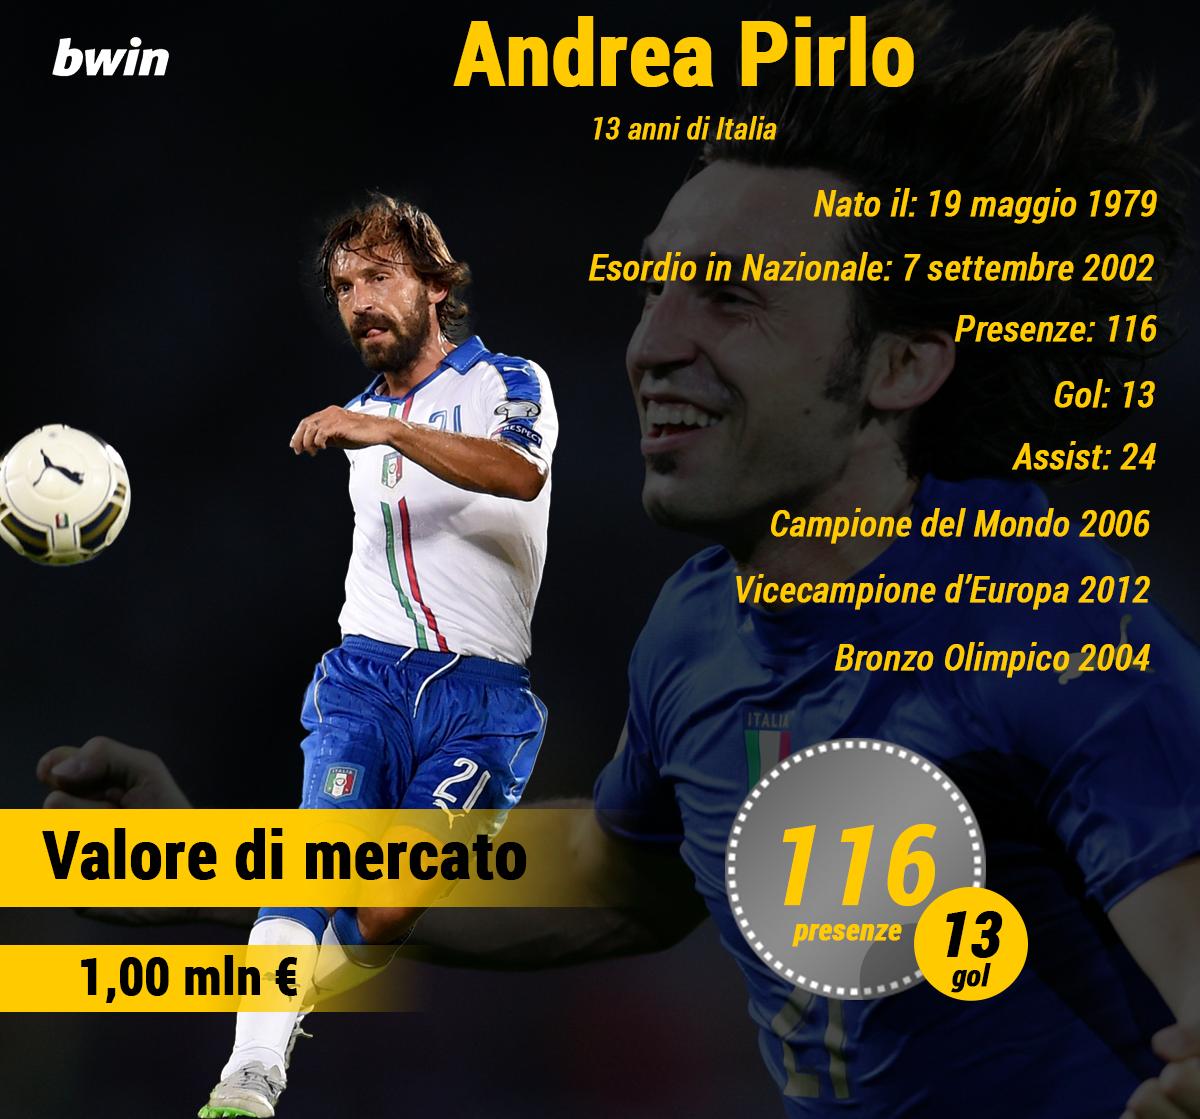 Infografica BWIN 7 Pirlo